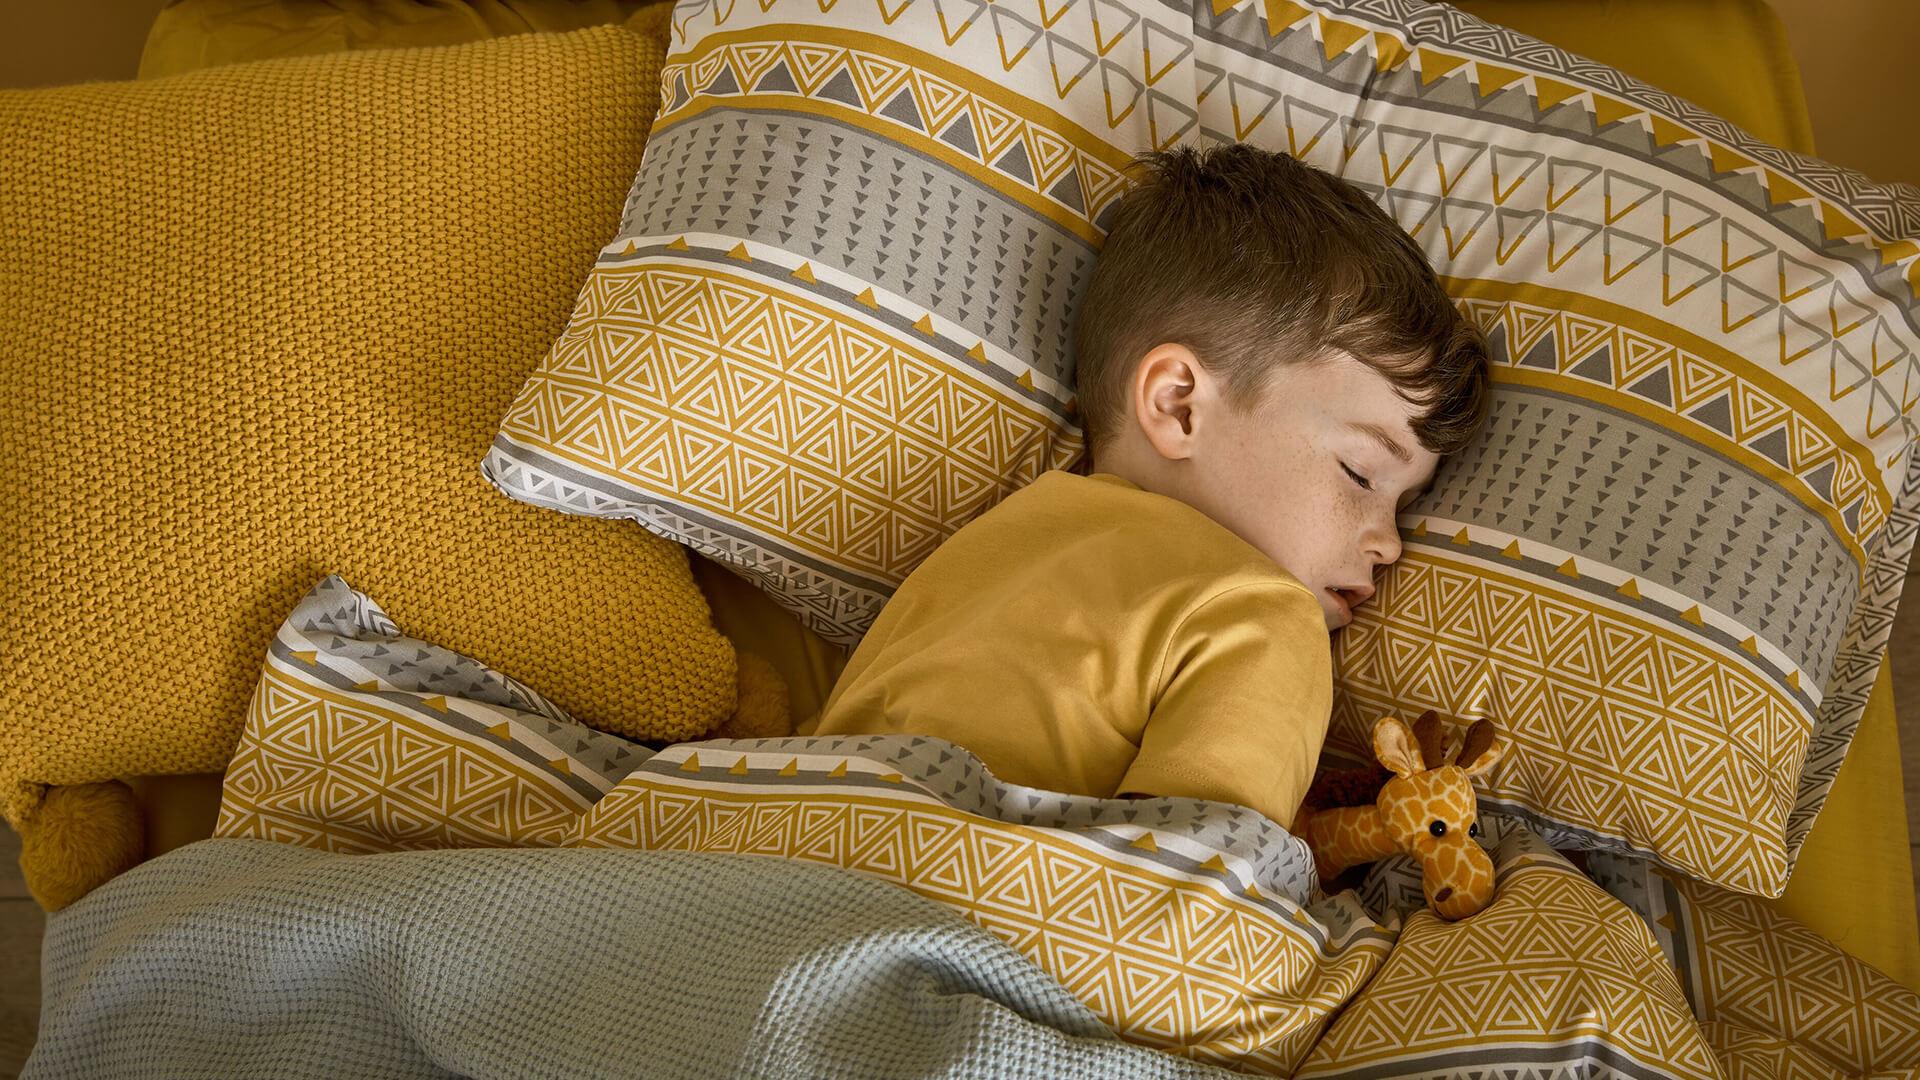 Regular bedtimes for kids